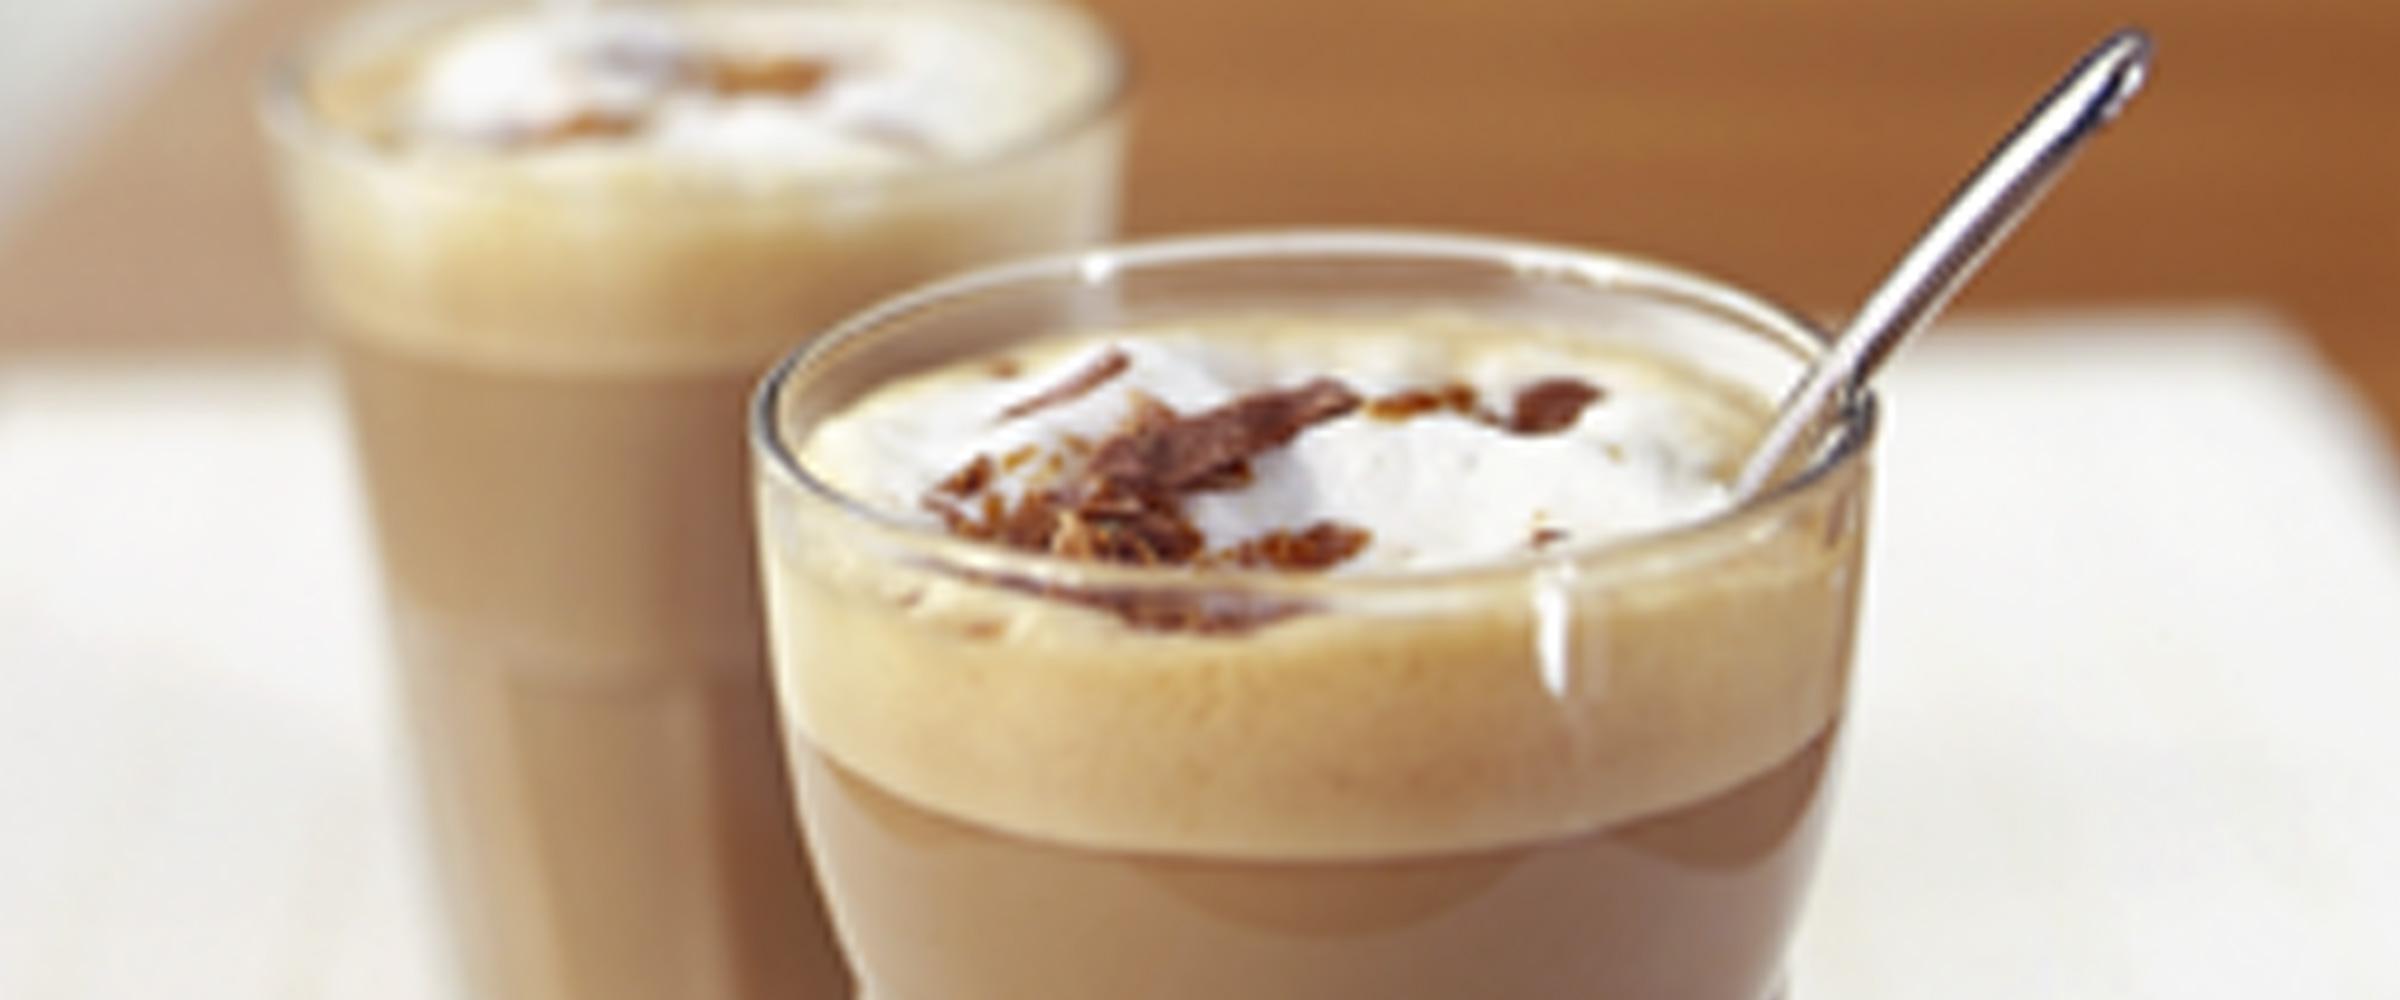 Caffe latte - recept med kaffe som huvudingrediens